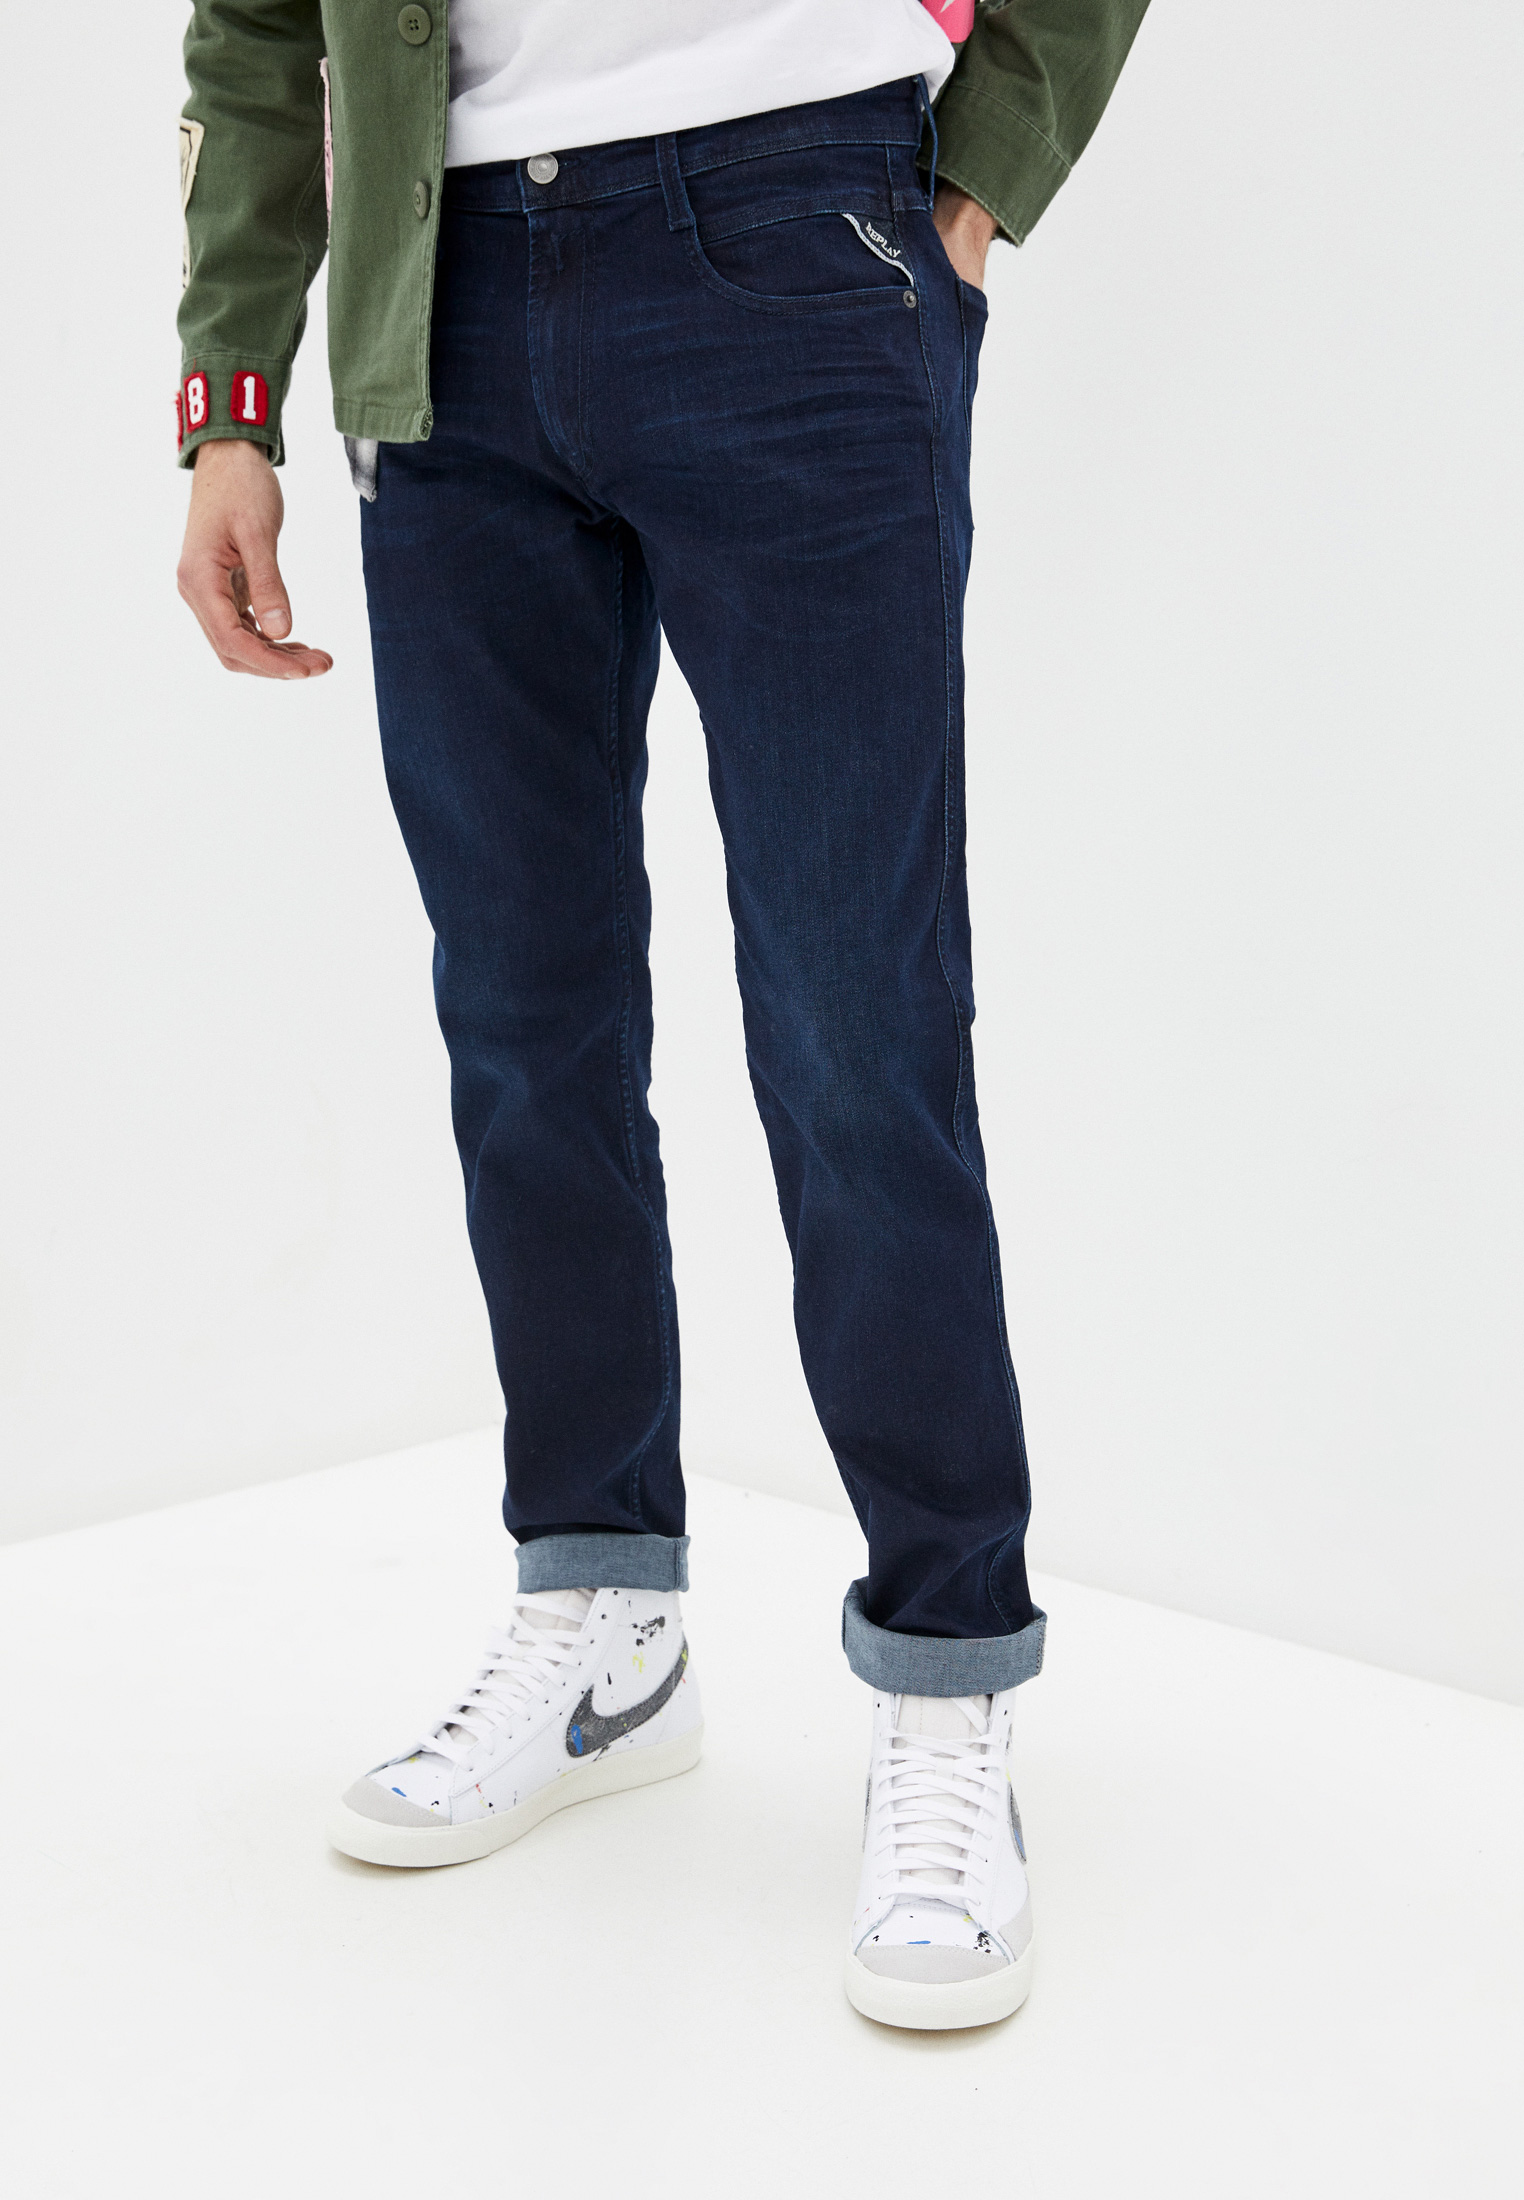 Зауженные джинсы Replay (Реплей) M914.000.41A781